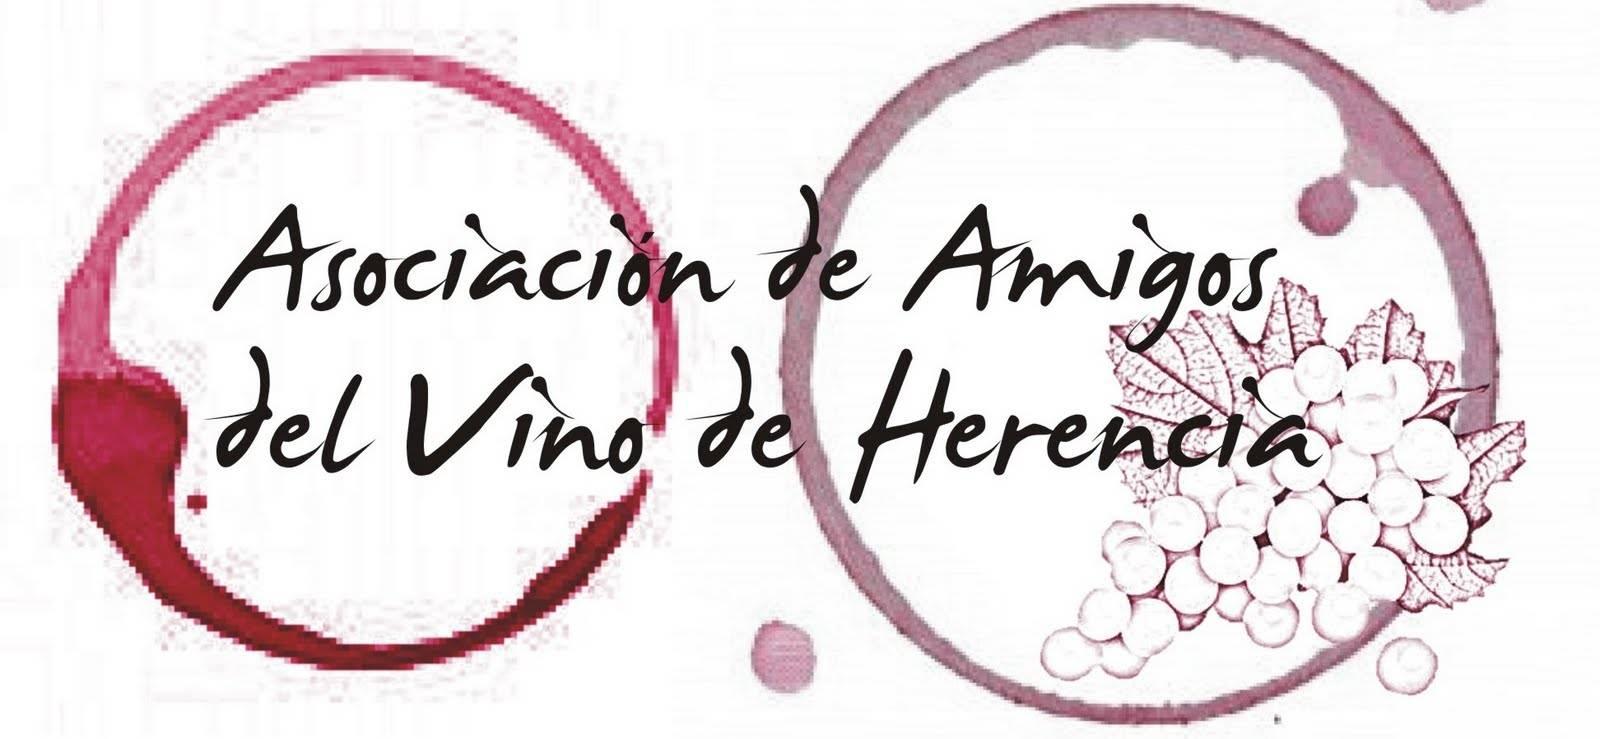 Logotipo amigos del vino - La V Ruta del Vino y la Tapa de Herencia comienza el 15 de abril